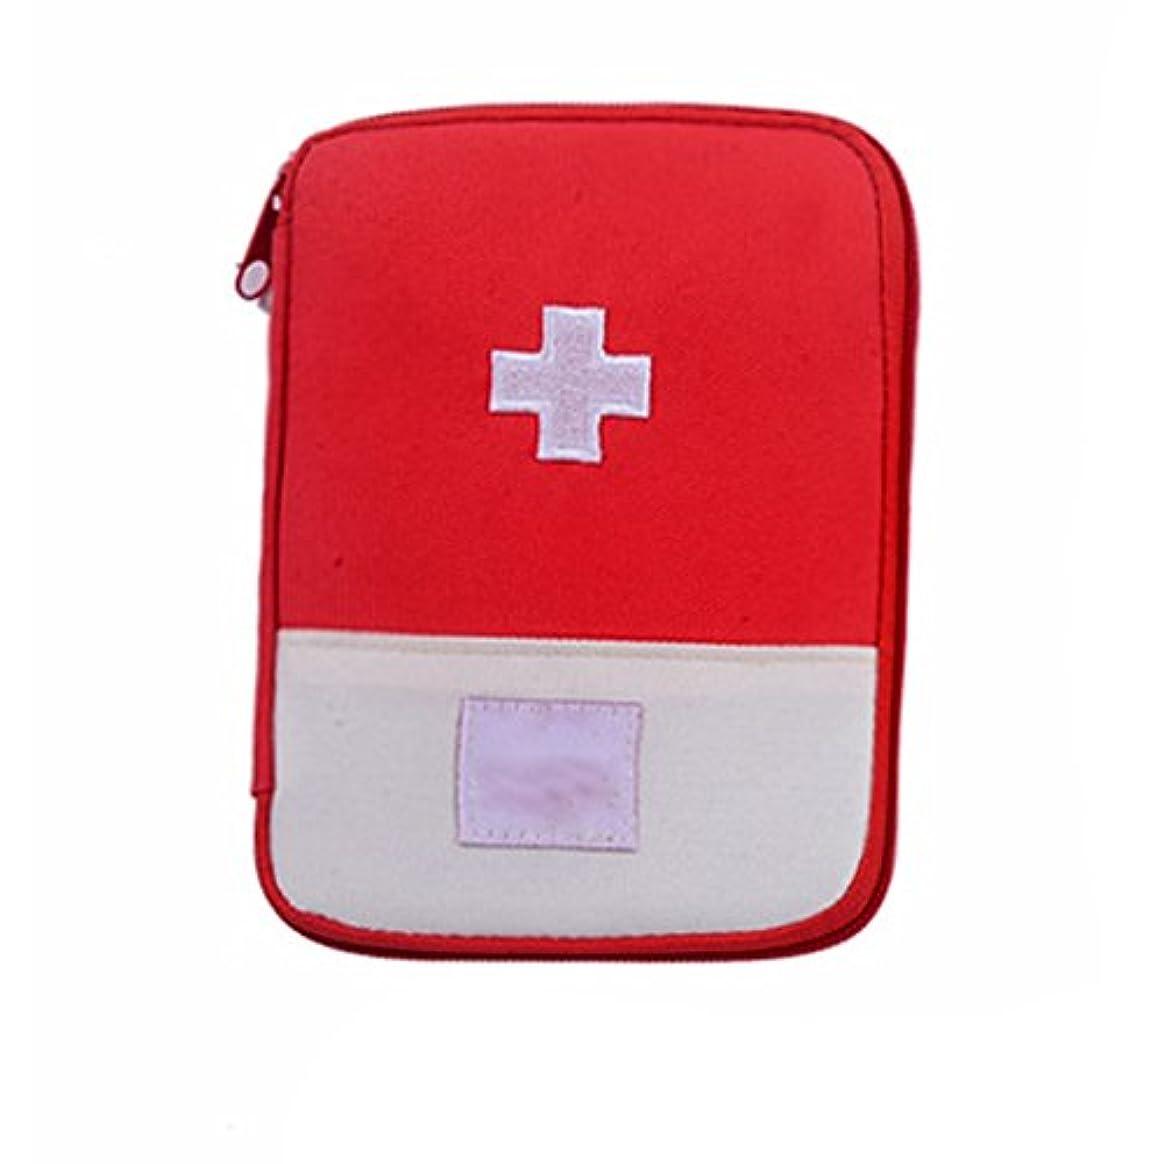 破裂織る追放アウトドア  ストレージバッグ   キャンプ用  家庭用 応急処置用品収納 携帯用救急バッグ  ケース エイドキットバッグ